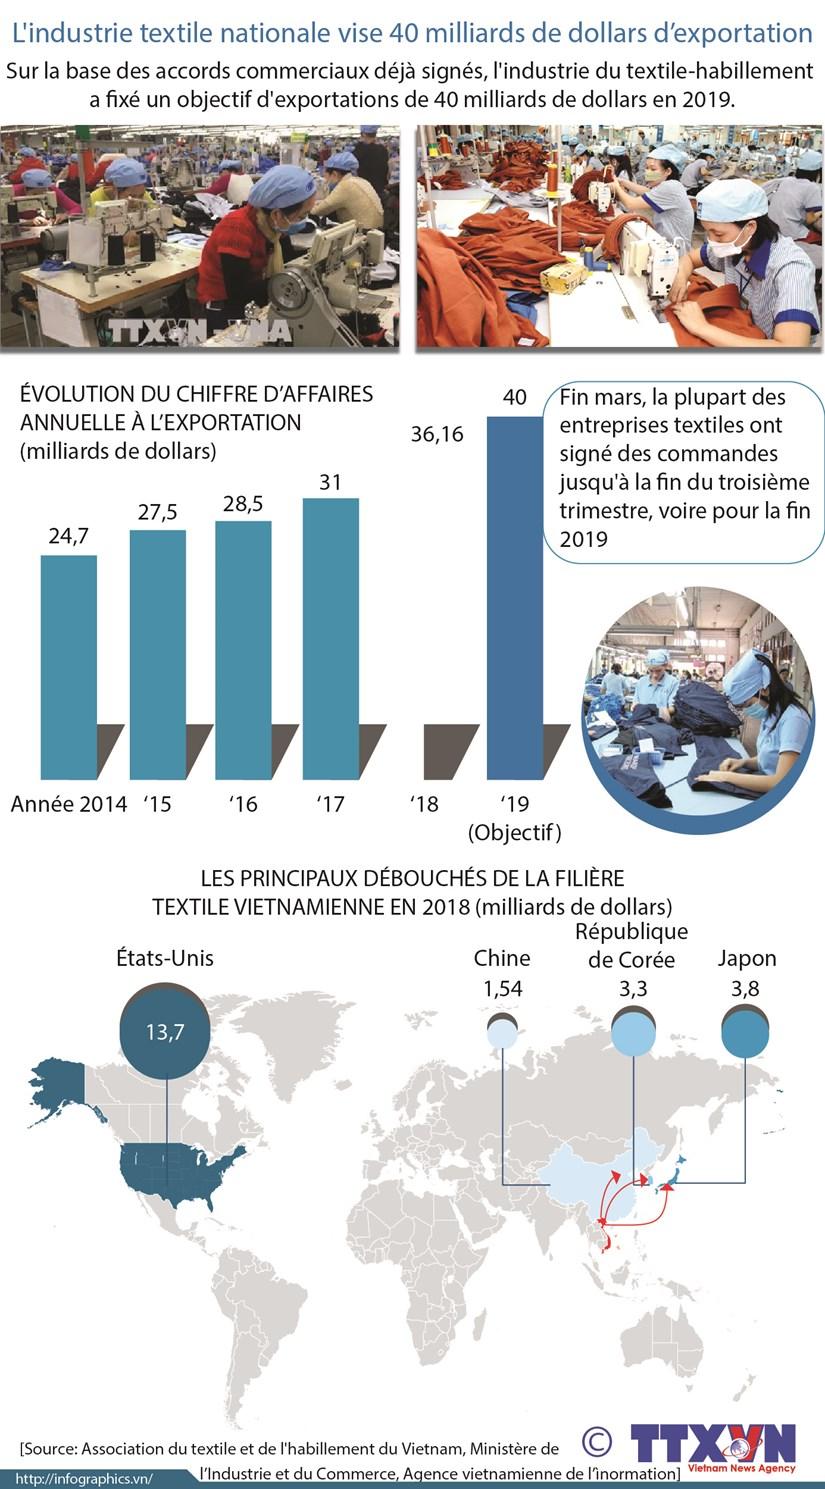 L'industrie textile nationale vise 40 milliards de dollars d'exportation hinh anh 1